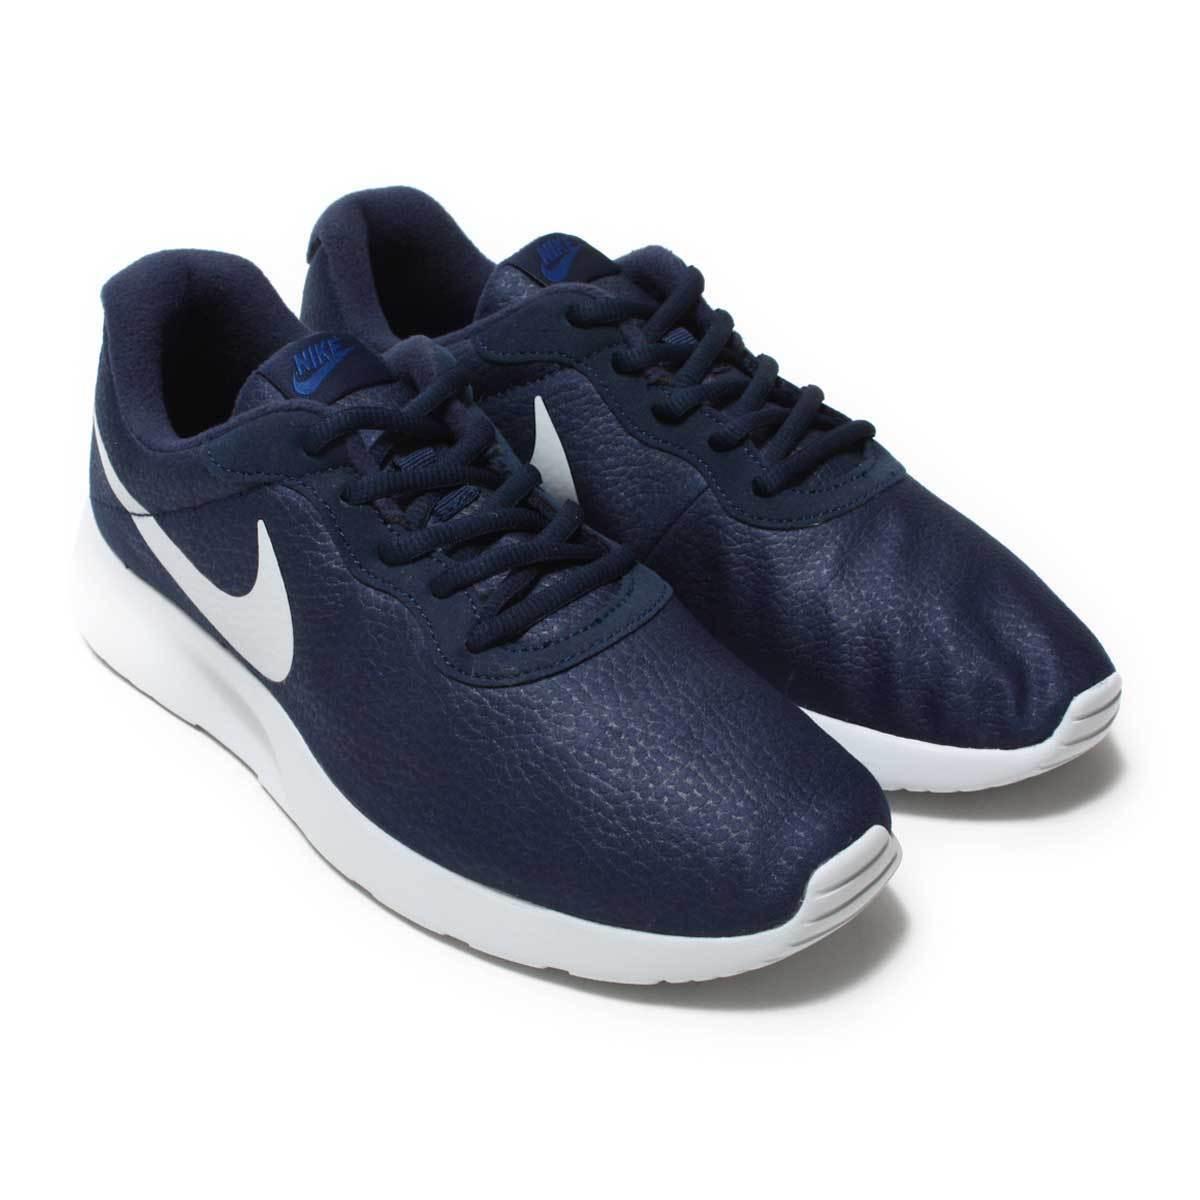 876899-402 Men's Nike Tanjun Premium Obsidian/White Sizes 8-12 New In Box